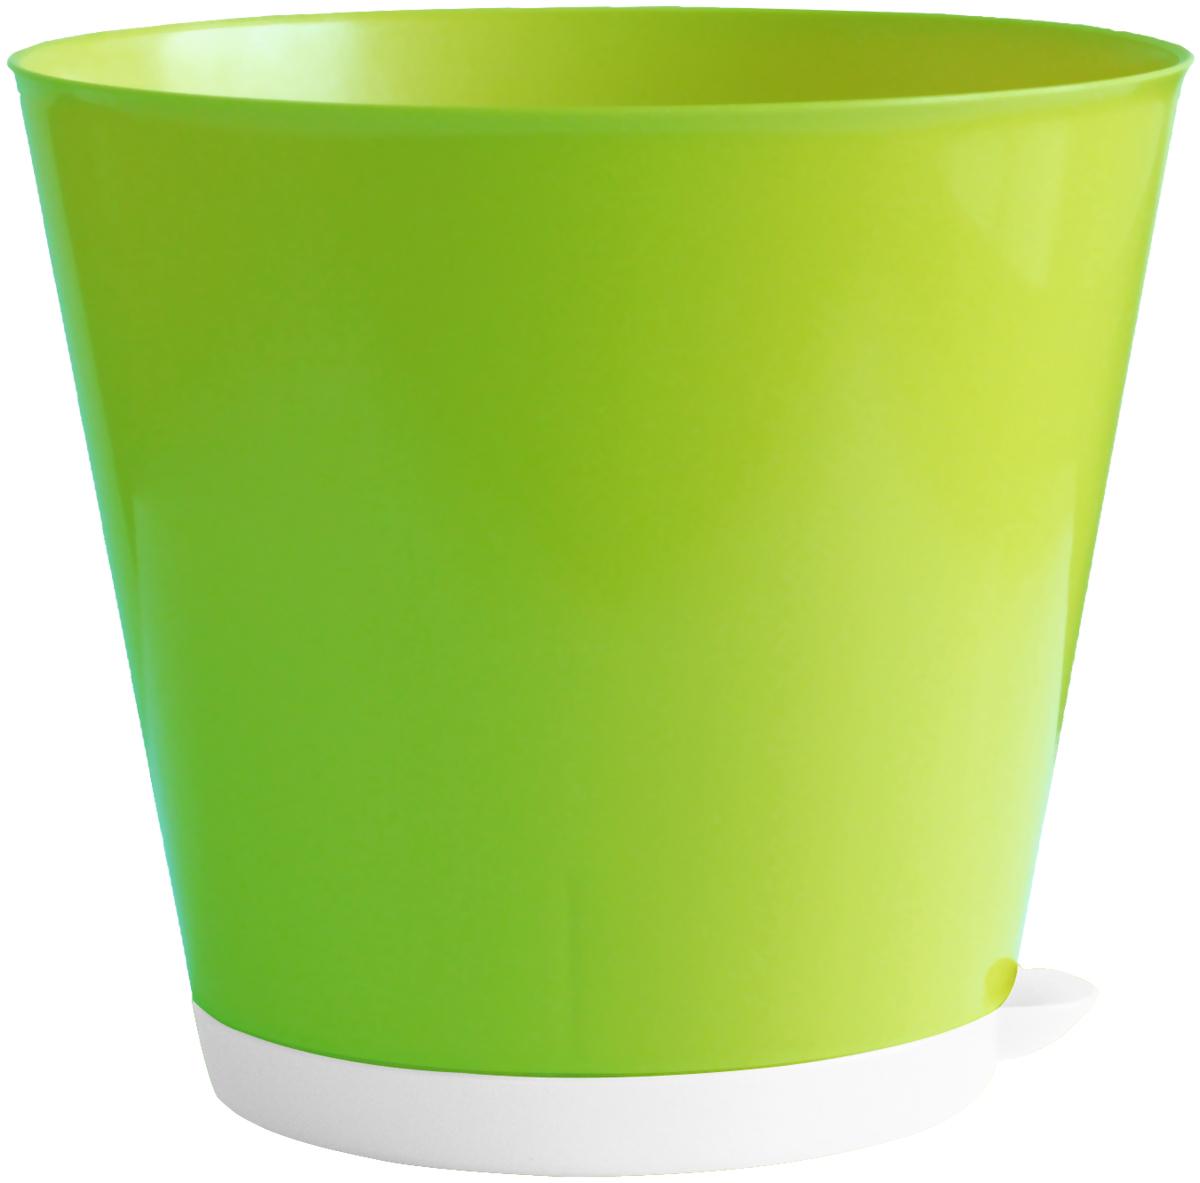 Горшок для цветов InGreen Крит, с системой прикорневого полива, цвет: салатовый, белый, диаметр 12 смING46012СЛ-16РSГоршок InGreen Крит, выполненный из высококачественного пластика, предназначен для выращивания комнатных цветов, растений и трав. Специальная конструкция обеспечивает вентиляцию в корневой системе растения, а дренажные отверстия позволяют выходить лишней влаге из почвы. Крепежные отверстия и штыри прочно крепят подставку к горшку. Прикорневой полив растения осуществляется через удобный носик. Система прикорневого полива позволяет оставлять комнатное растение без внимания тем, кто часто находится в командировках или собирается в отпуск и не имеет возможности вовремя поливать цветы.Такой горшок порадует вас современным дизайном и функциональностью, а также оригинально украсит интерьер любого помещения. Диаметр горшка (по верхнему краю): 12 см.Высота горшка: 11,2 см.